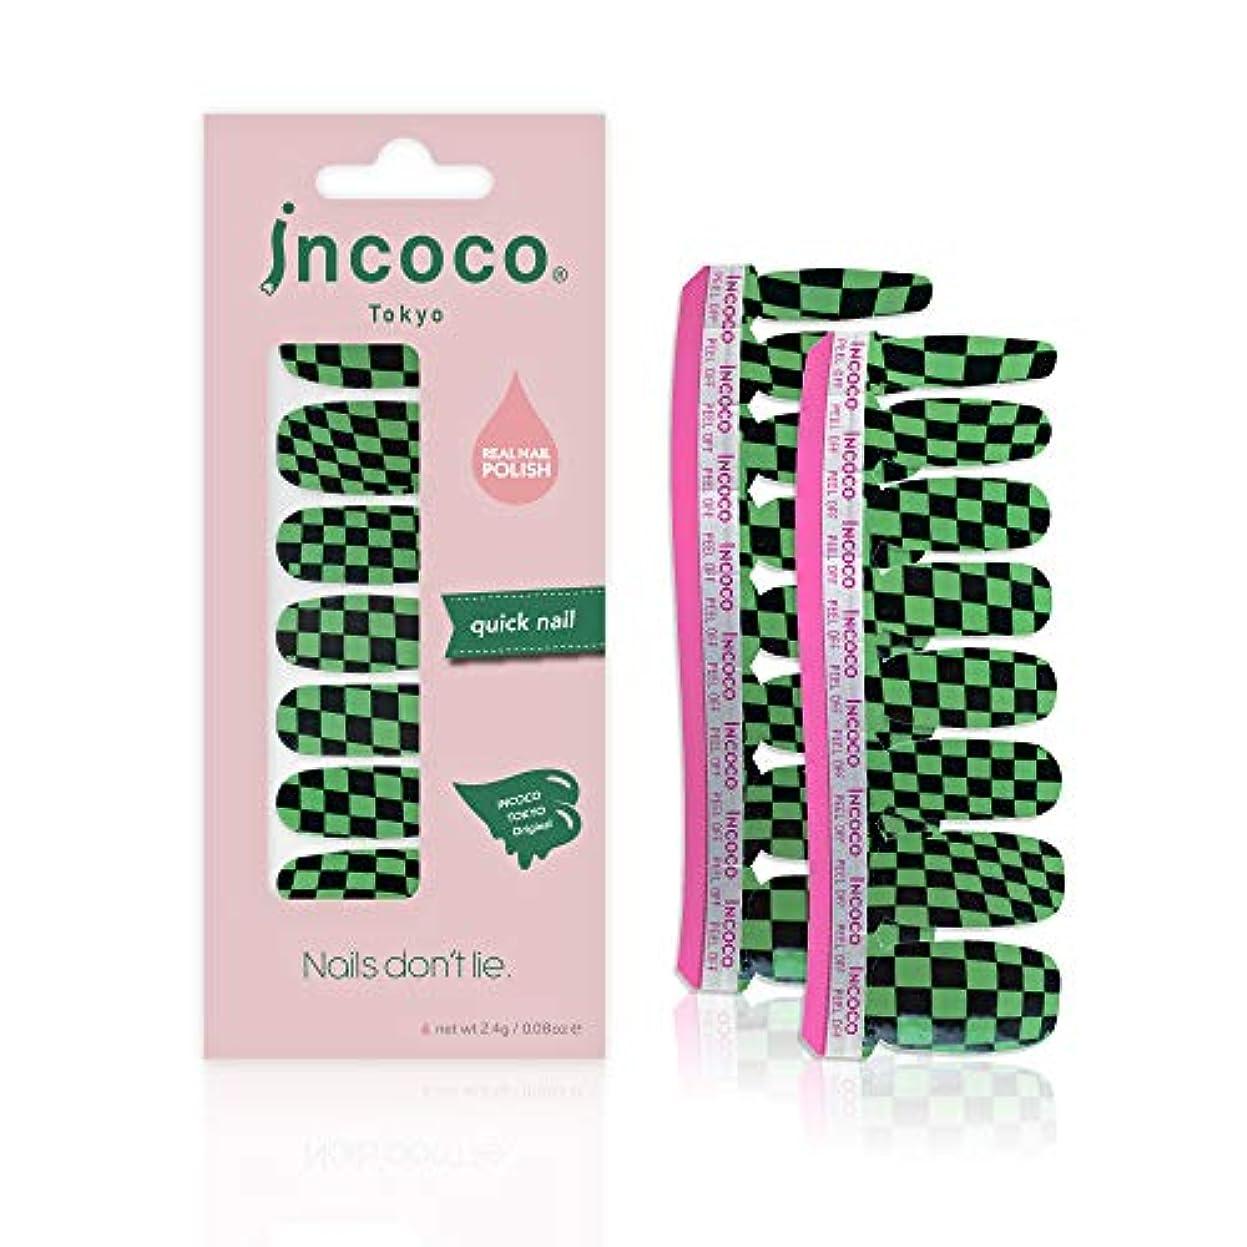 最終的に乱れ政策インココ トーキョー 「グリーン チェッカー」 (Green Checker)